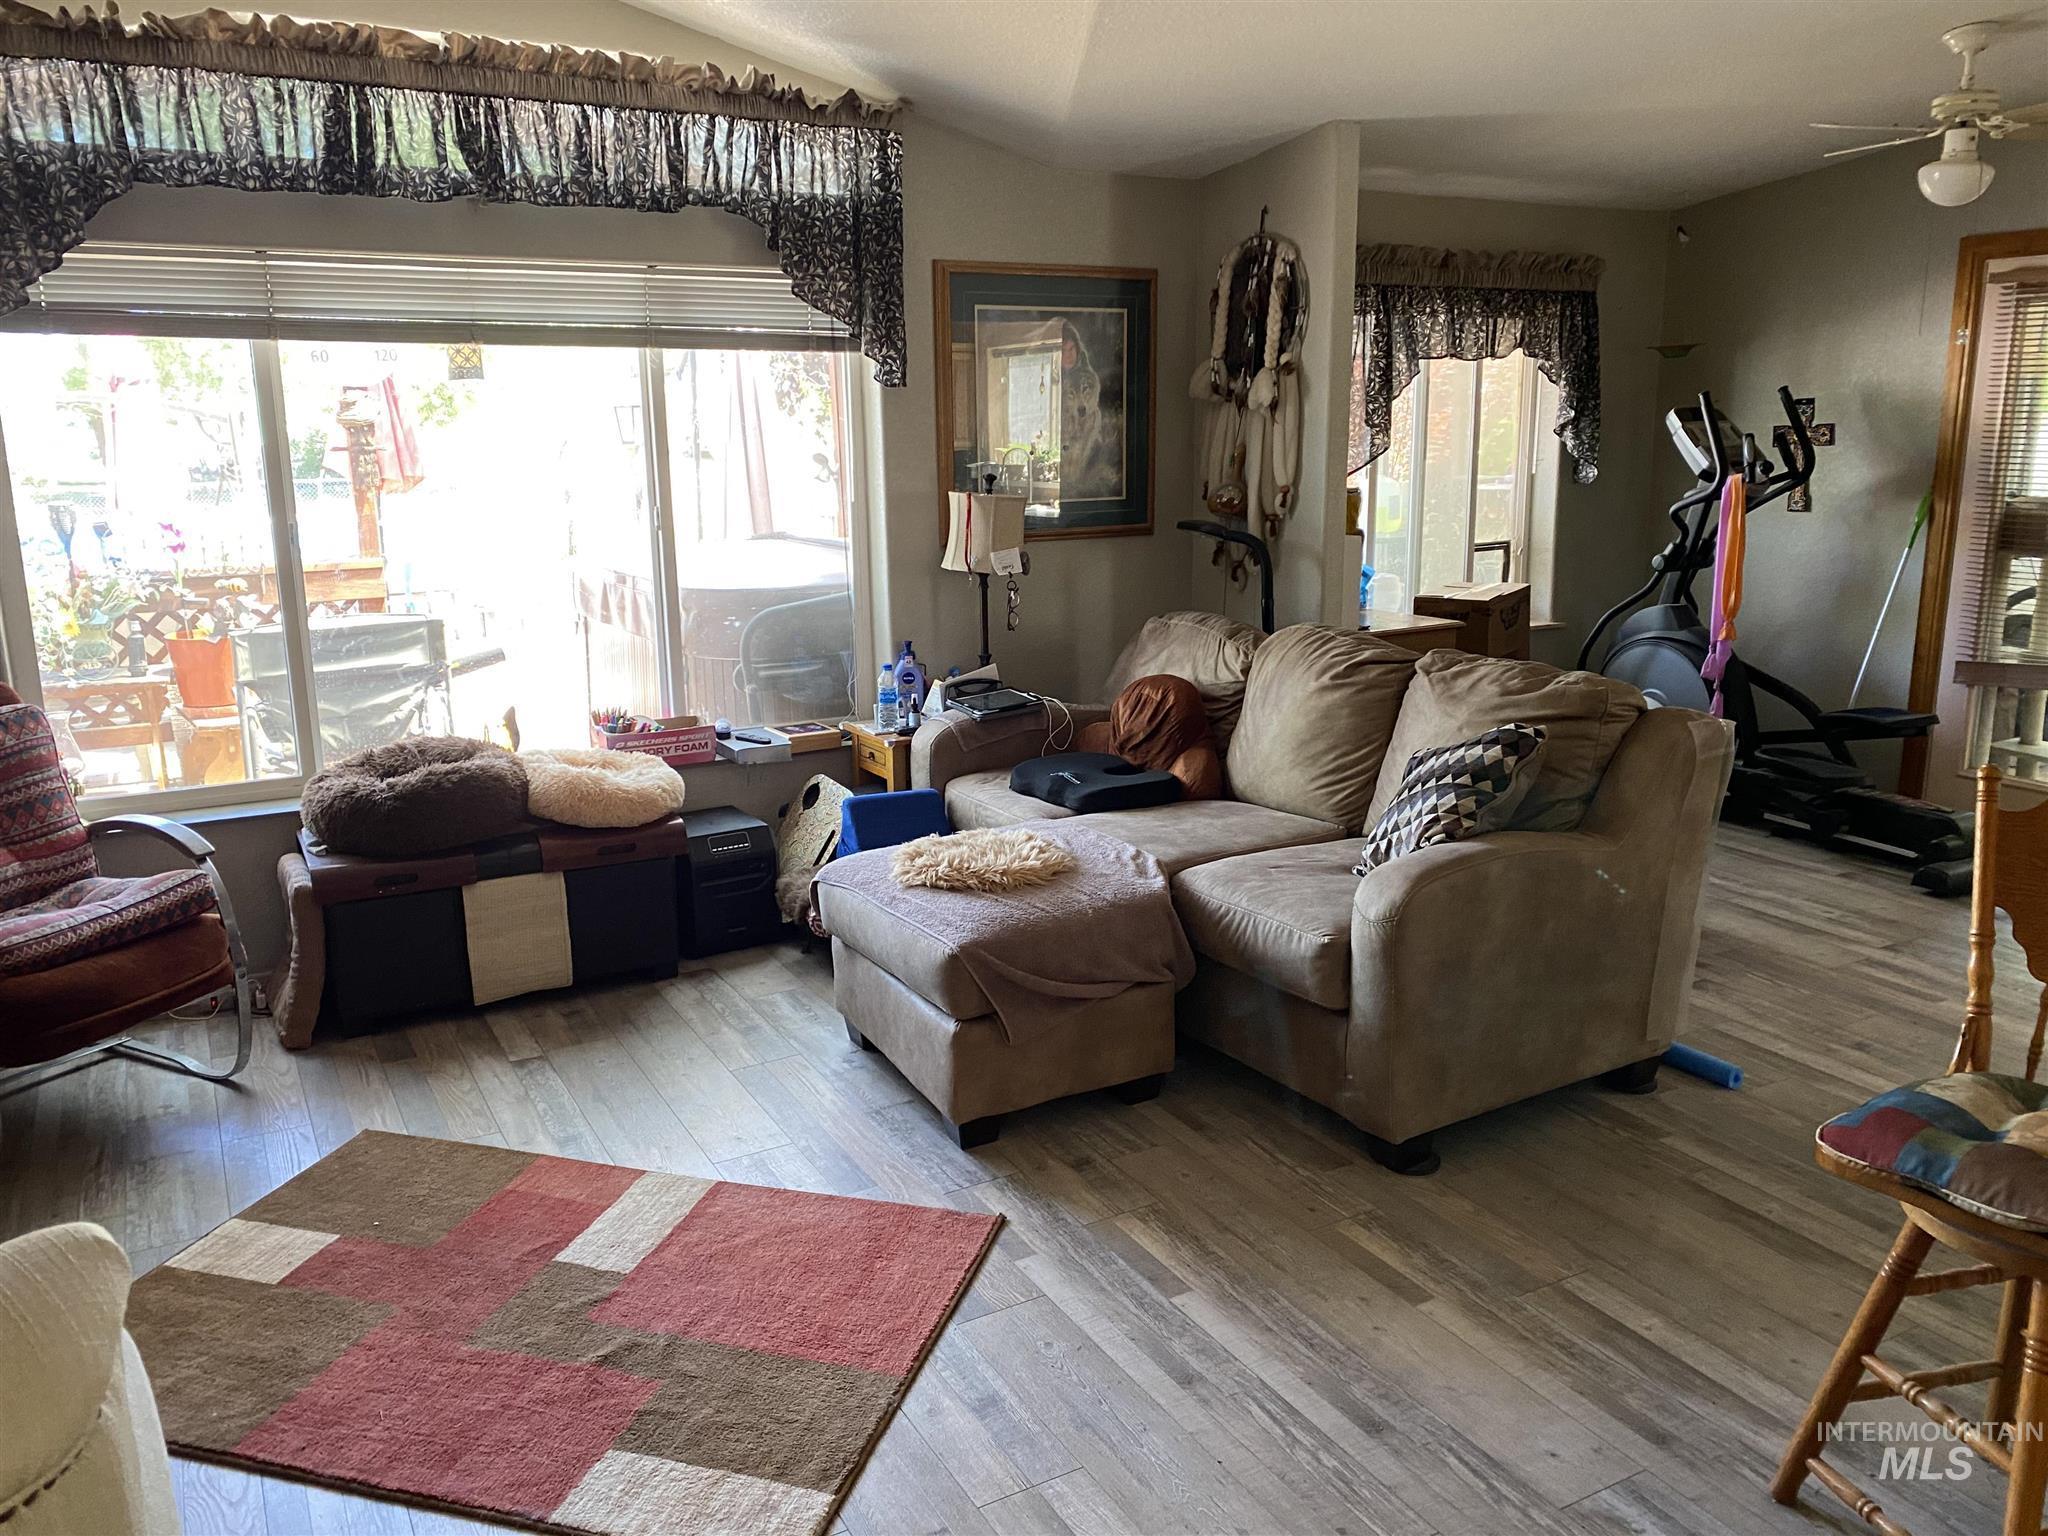 524 W 7 Property Photo 11